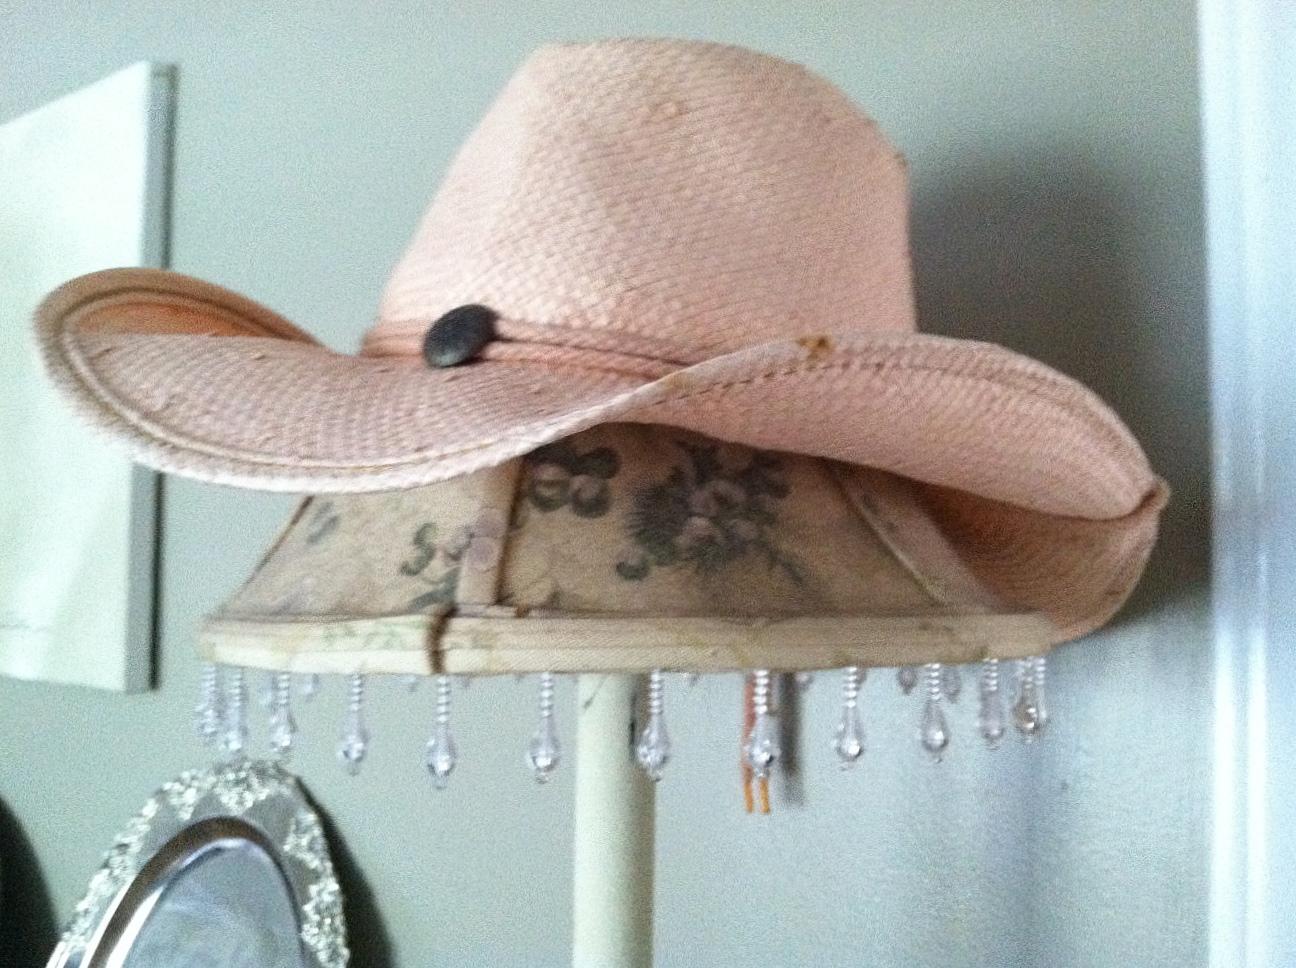 http://2.bp.blogspot.com/-cfXSzdOoRPQ/ToYVhXhXpqI/AAAAAAAAEF4/dD4G9QZkbVY/s1600/pink+cowboy+hat.jpg